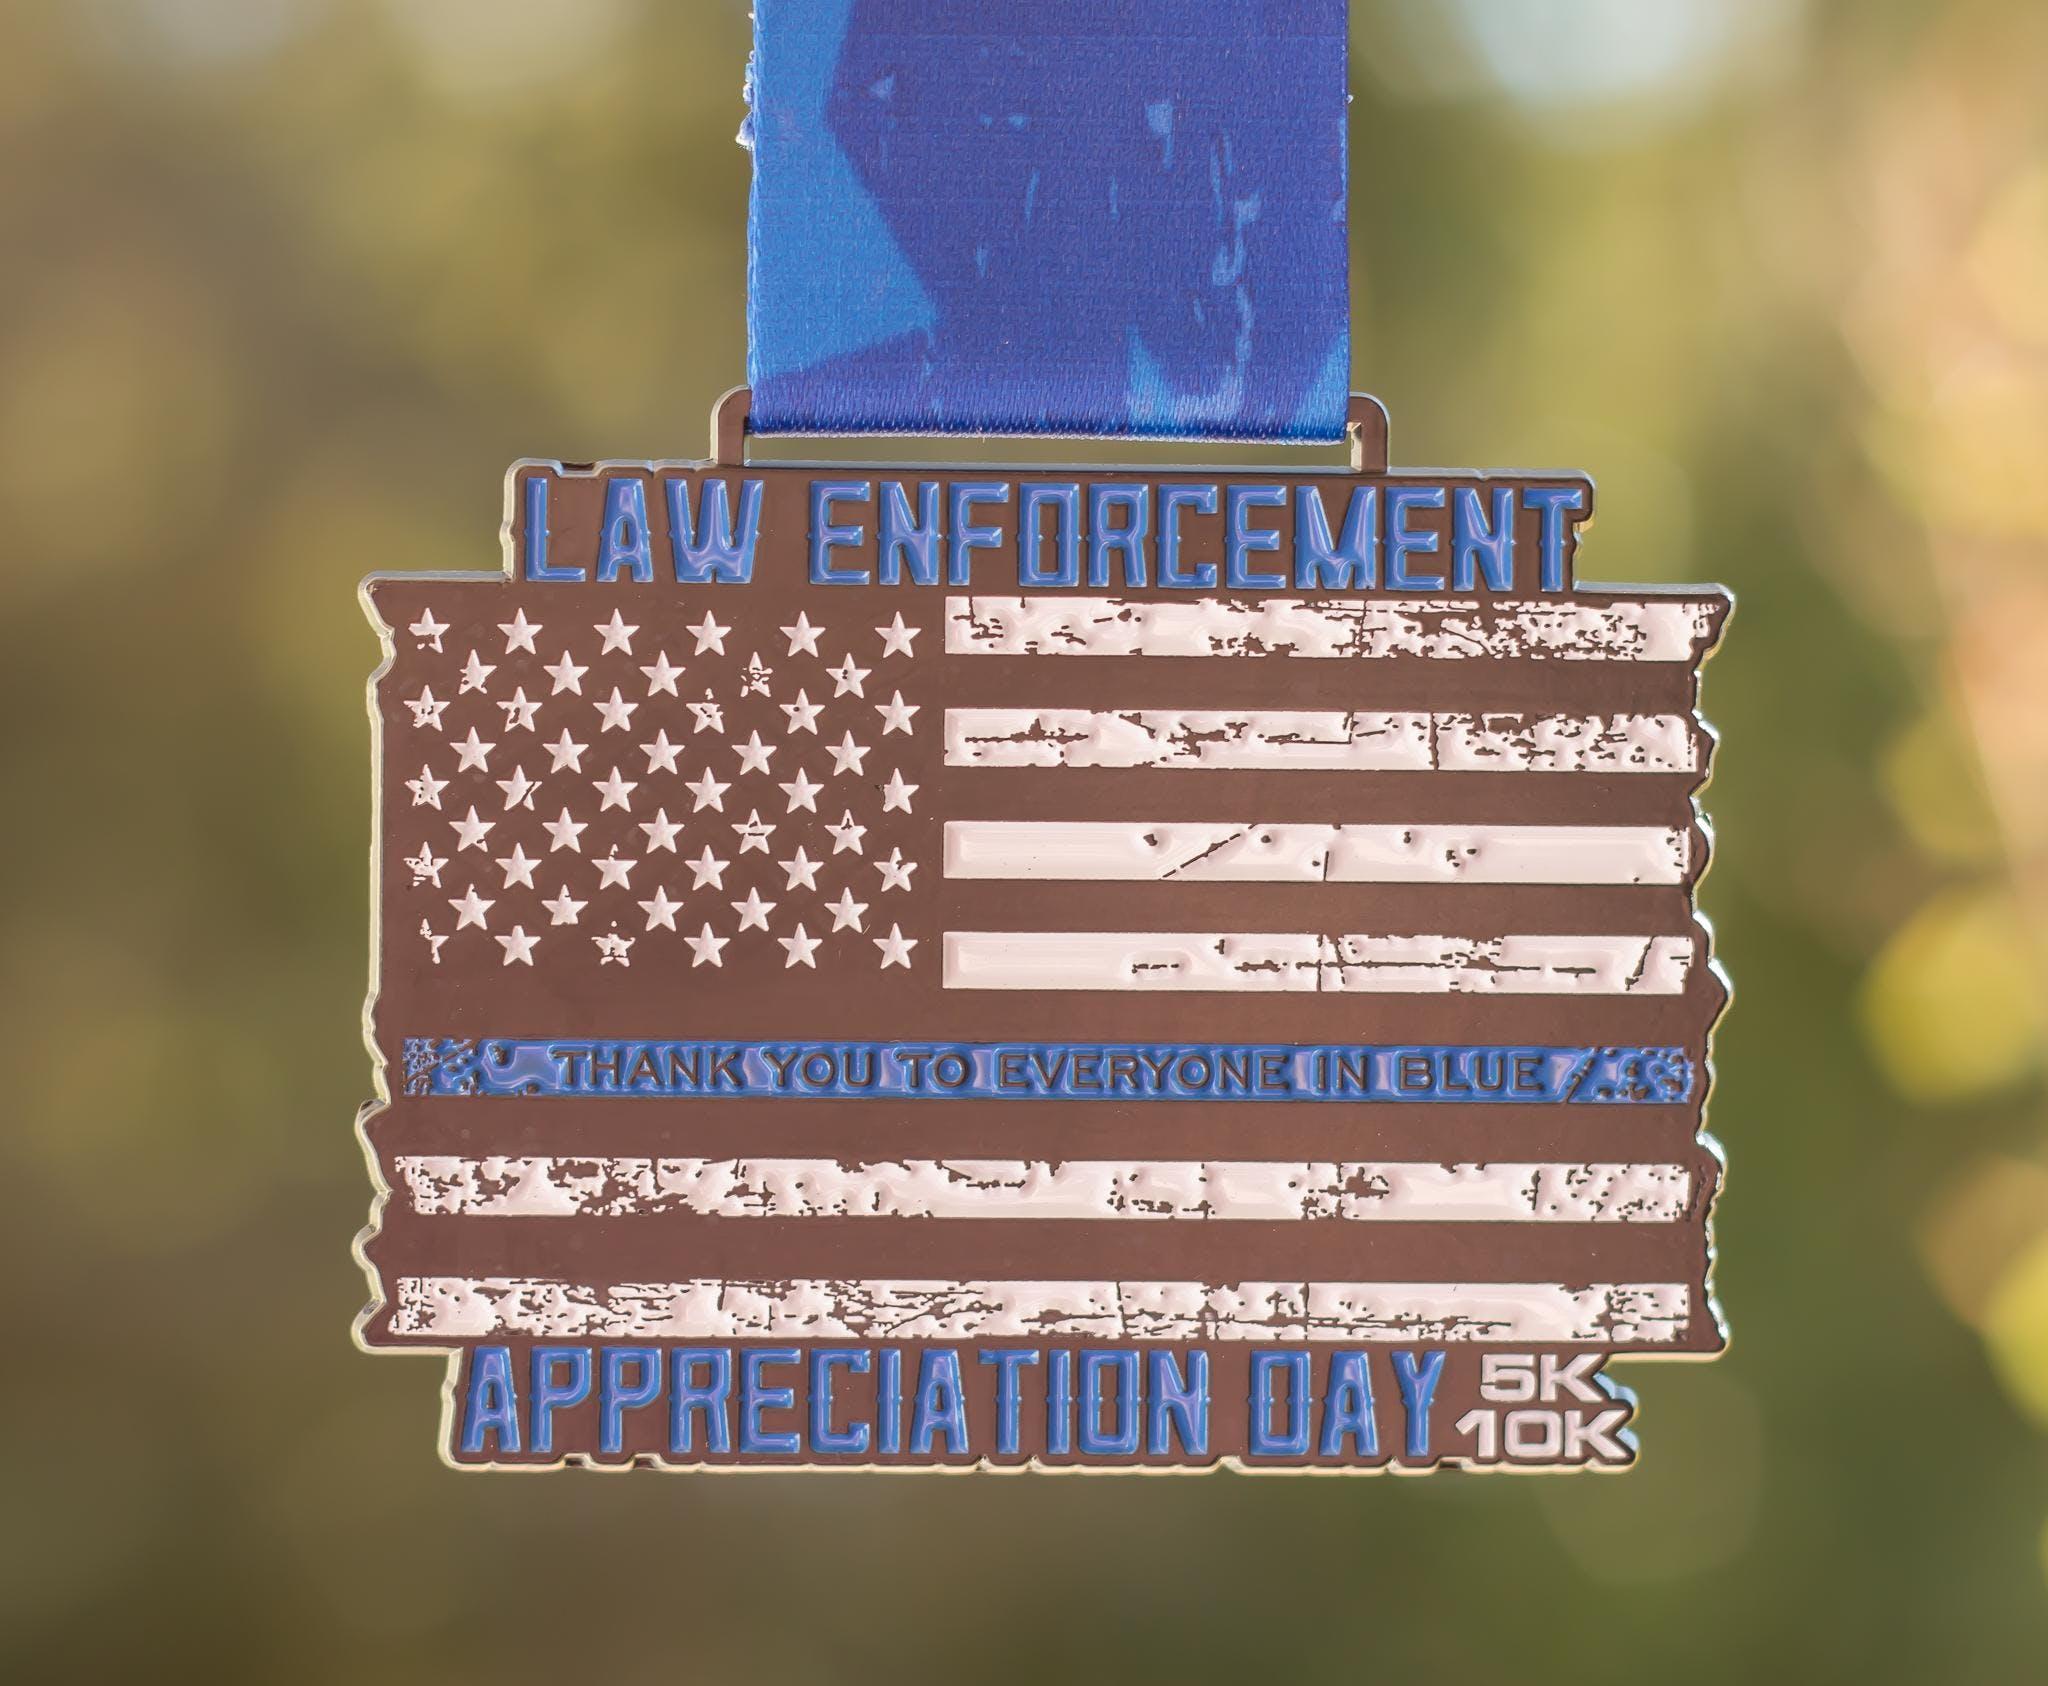 2019 Law Enforcement Appreciation Day 5K & 10K - Phoenix